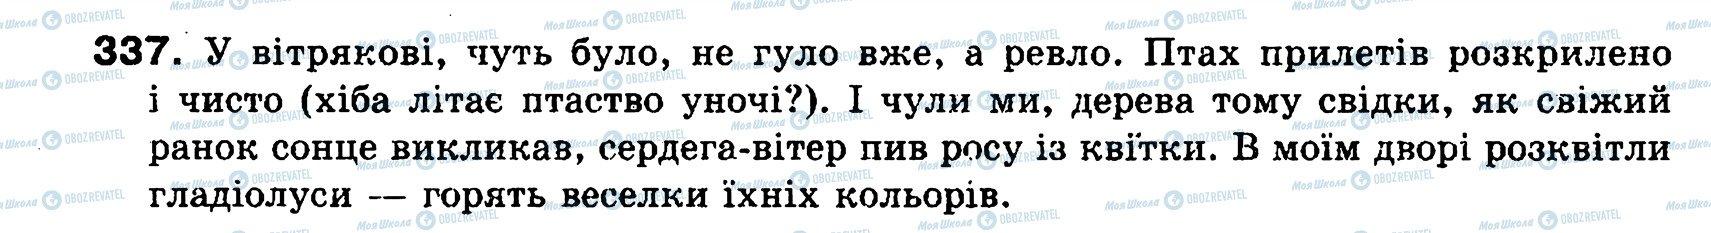 ГДЗ Українська мова 8 клас сторінка 337